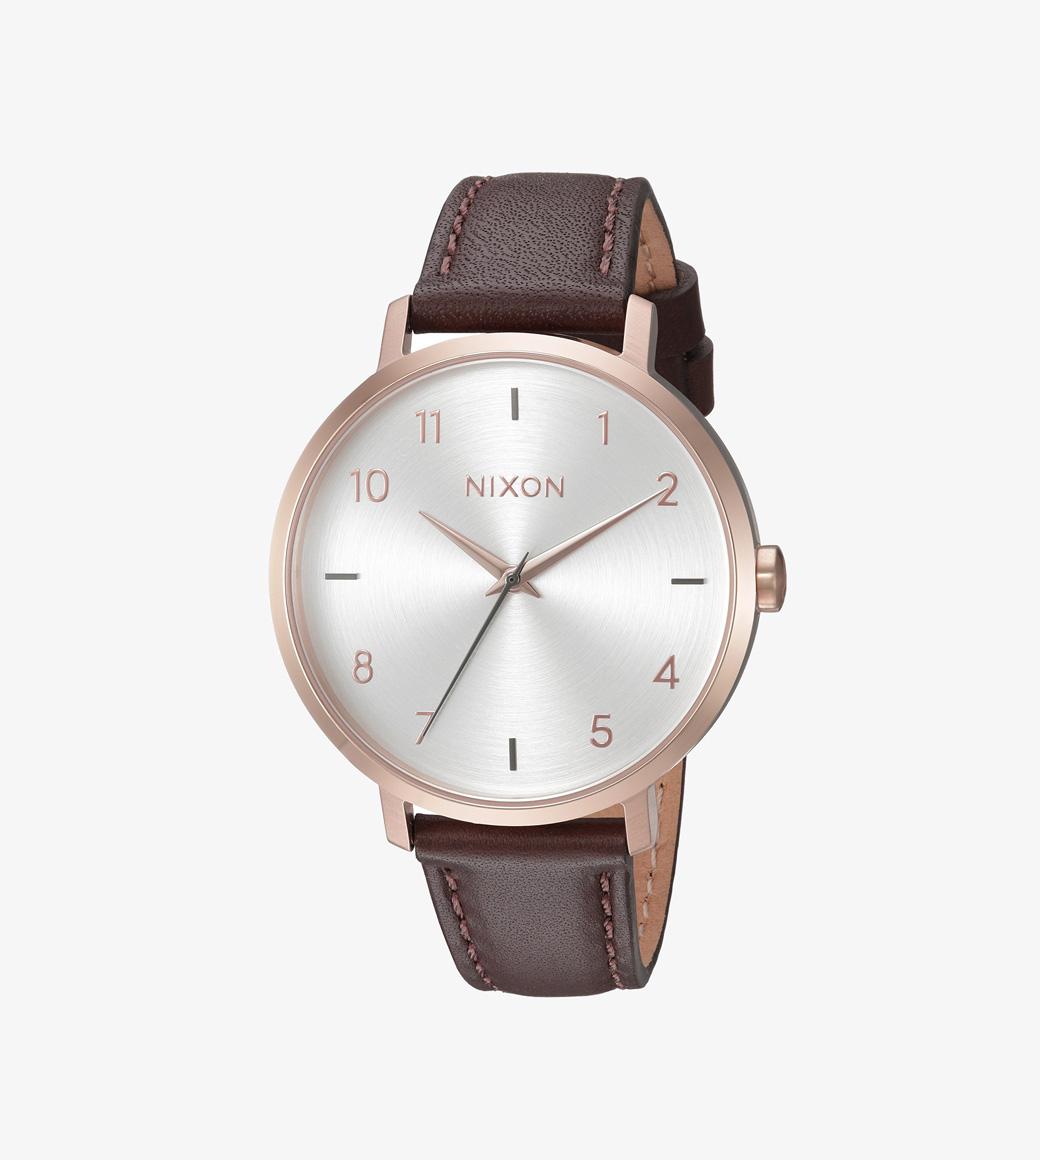 Women's Watches | Amazon.com